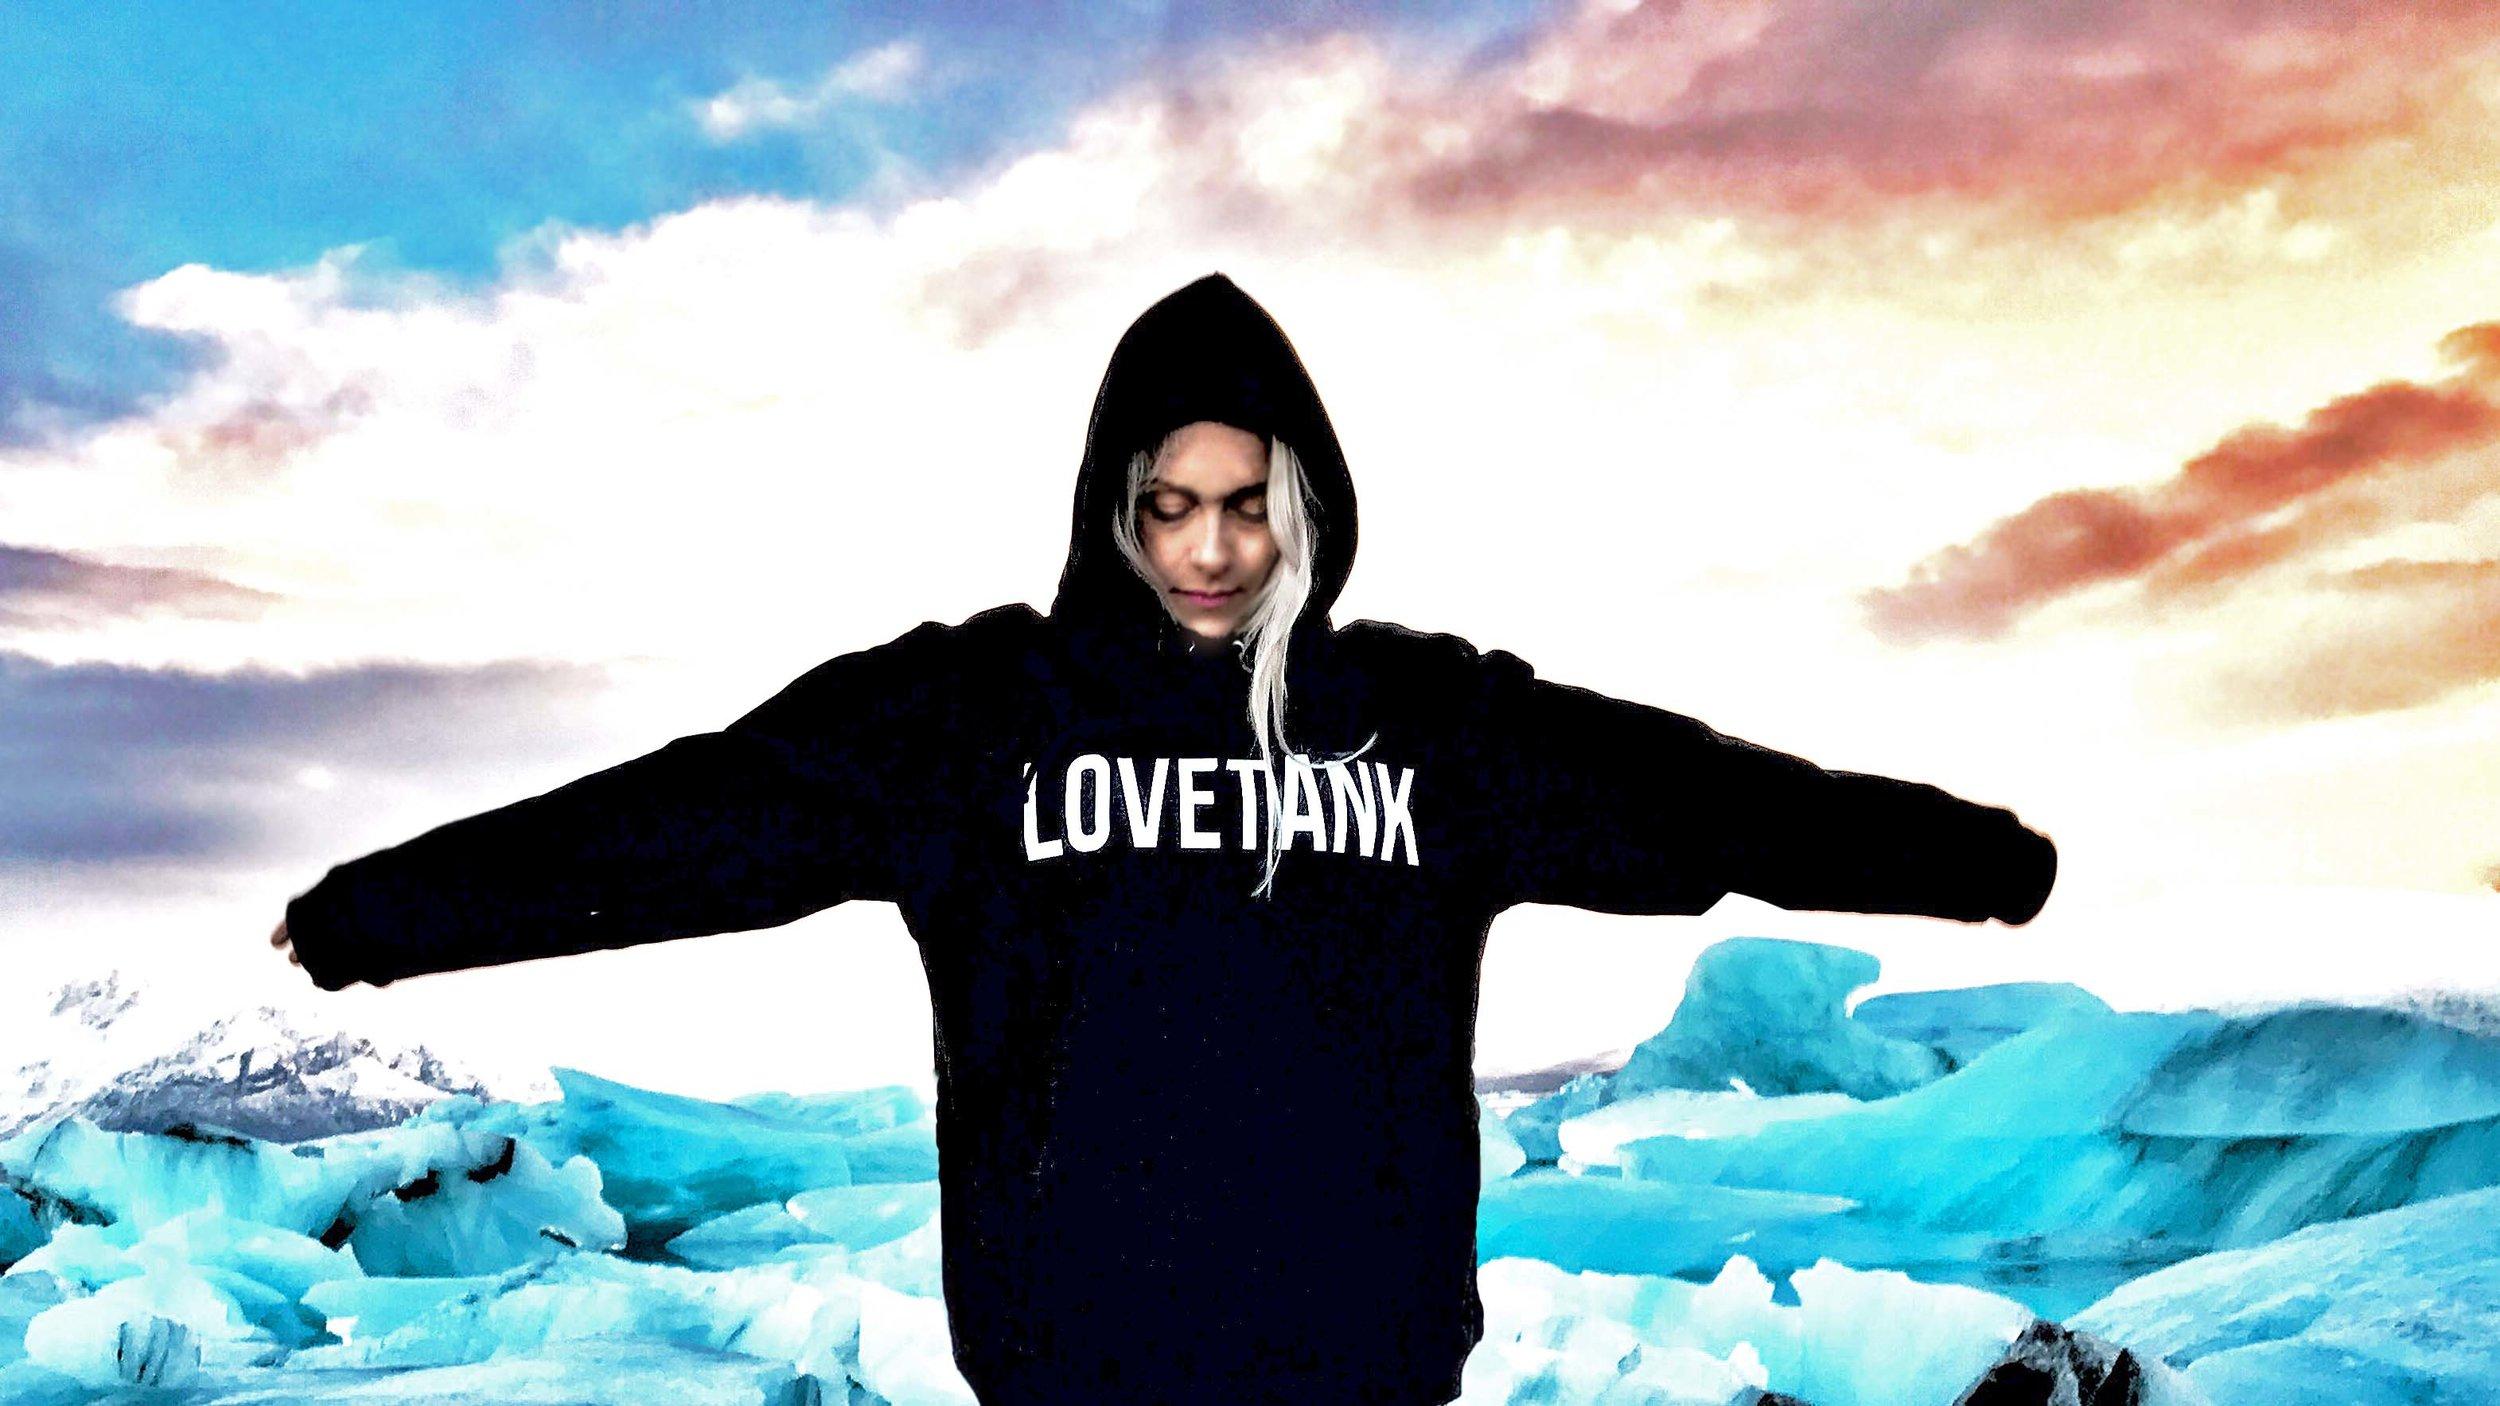 lovetank banner 2.jpg